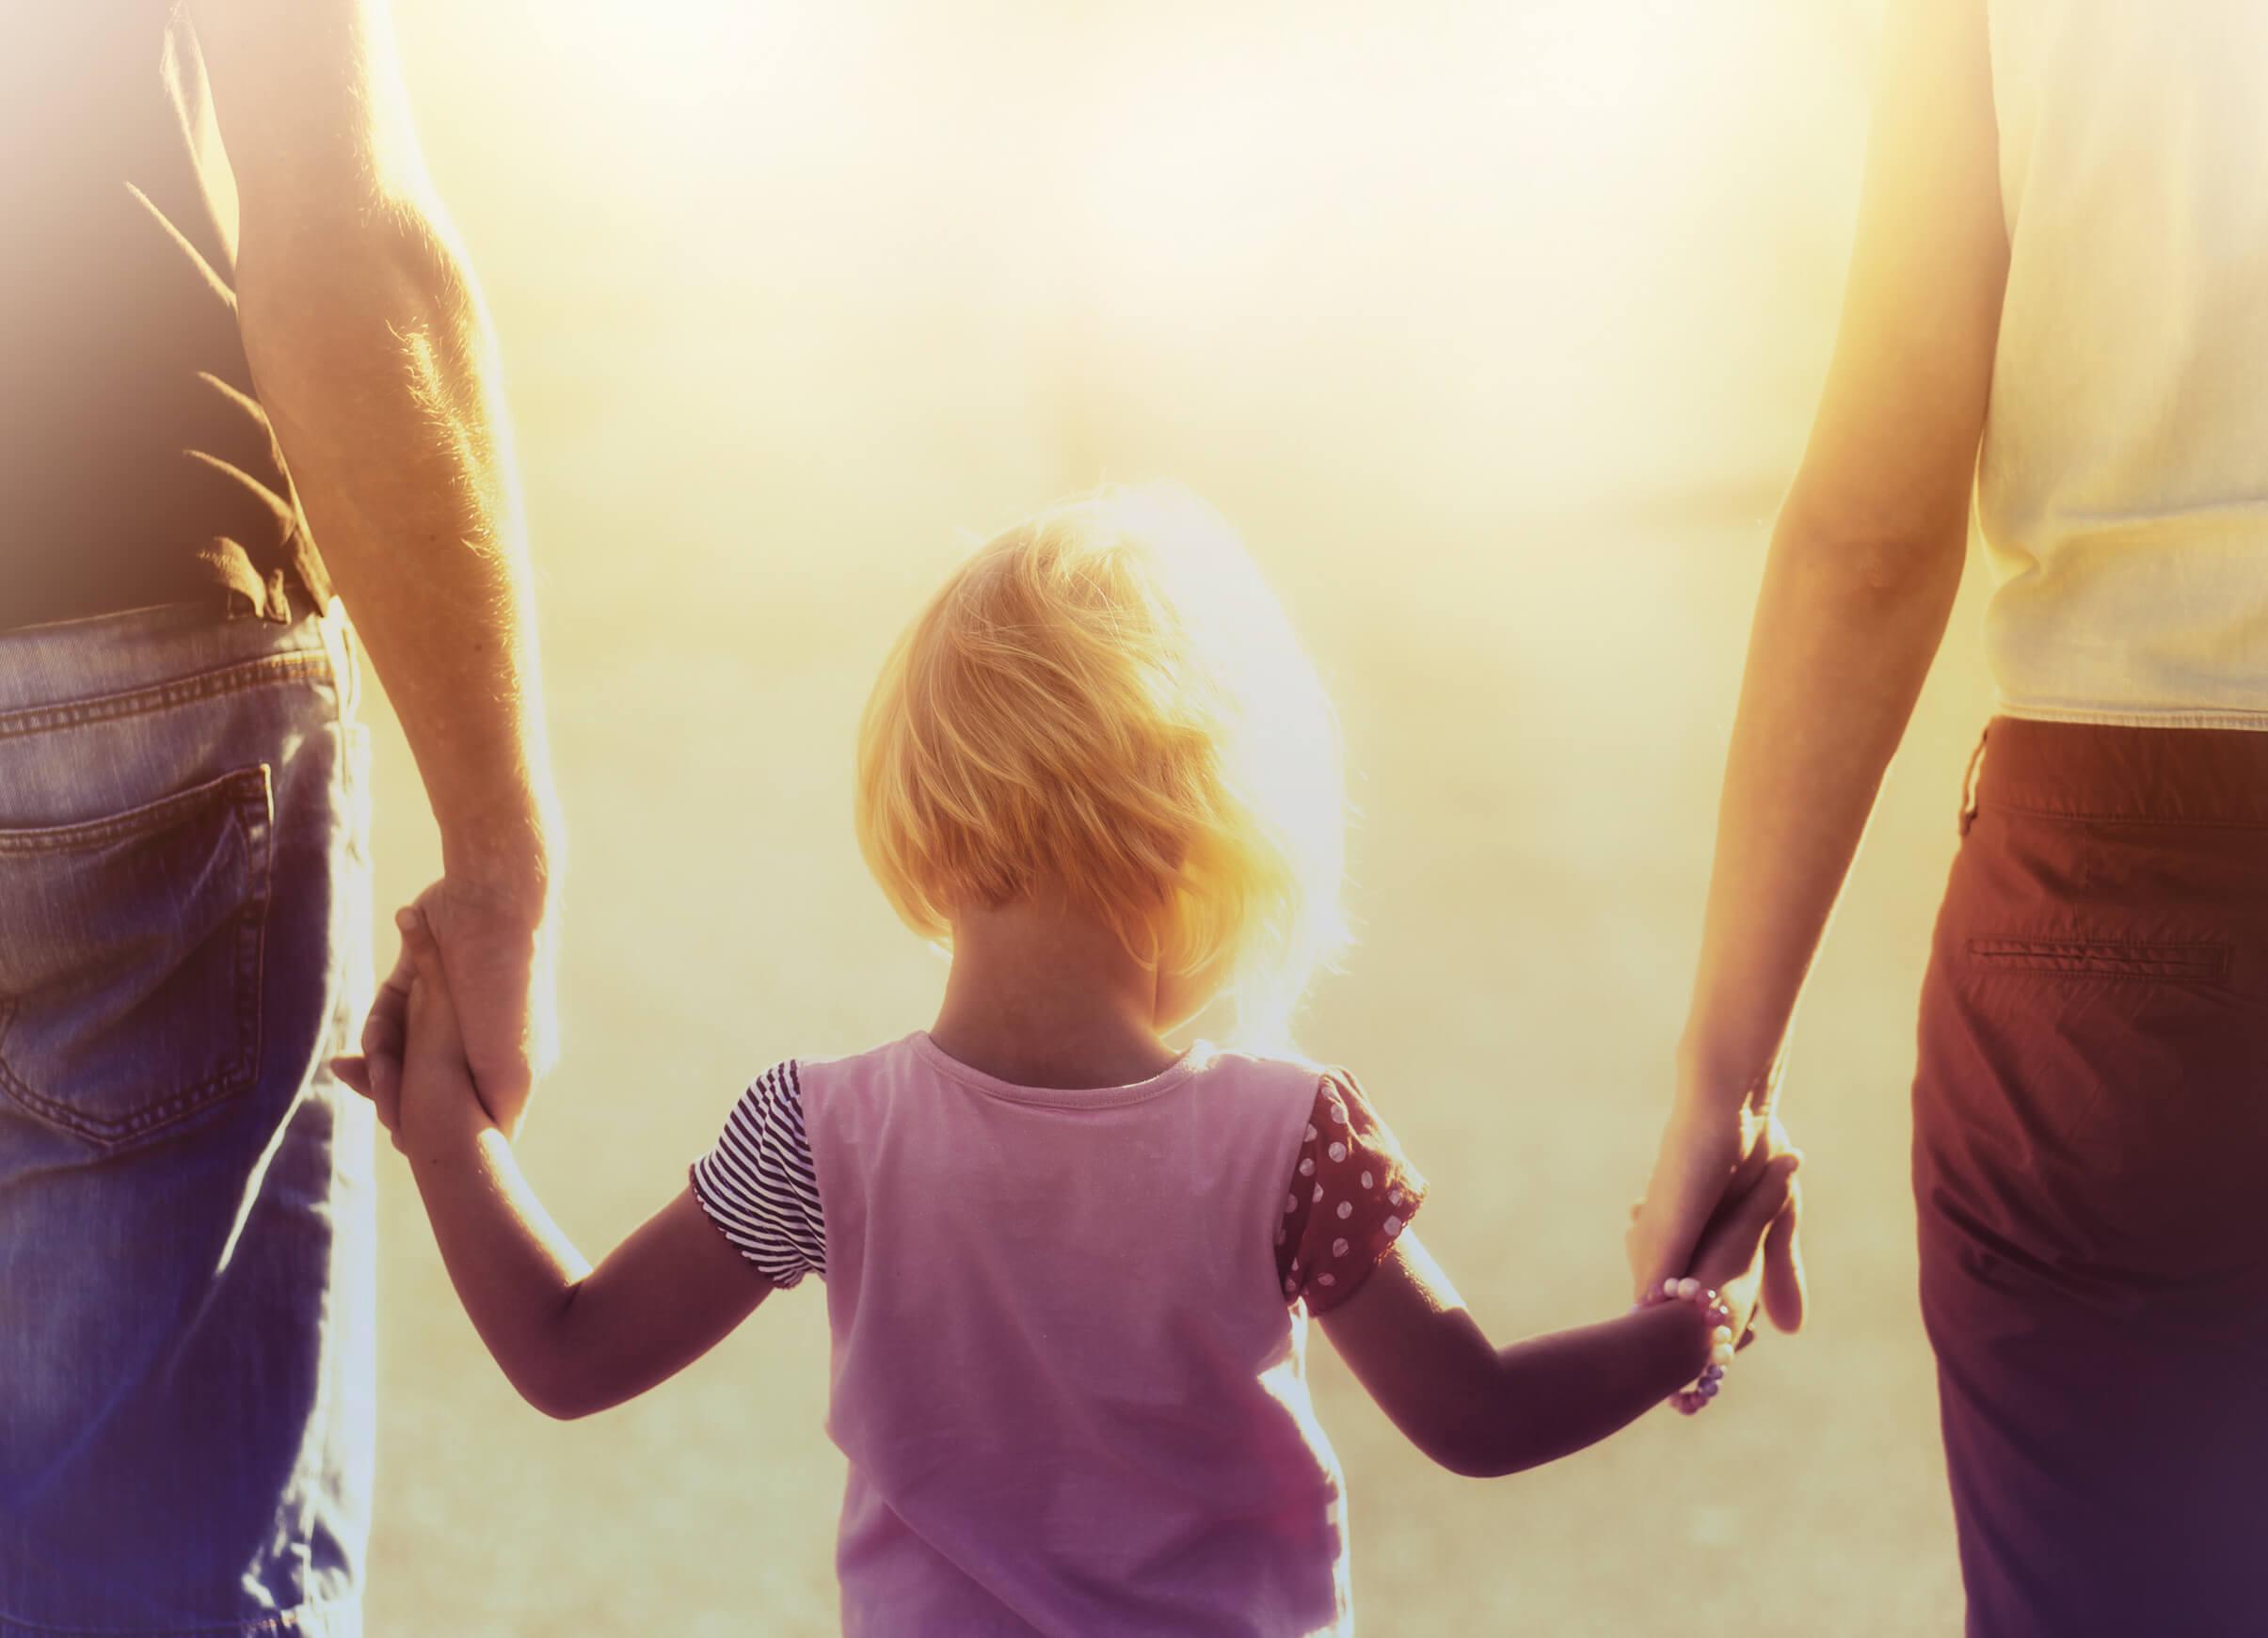 Не все мужчины хотят отношений с женщинами, у которых есть ребенок. Есть несколько причин